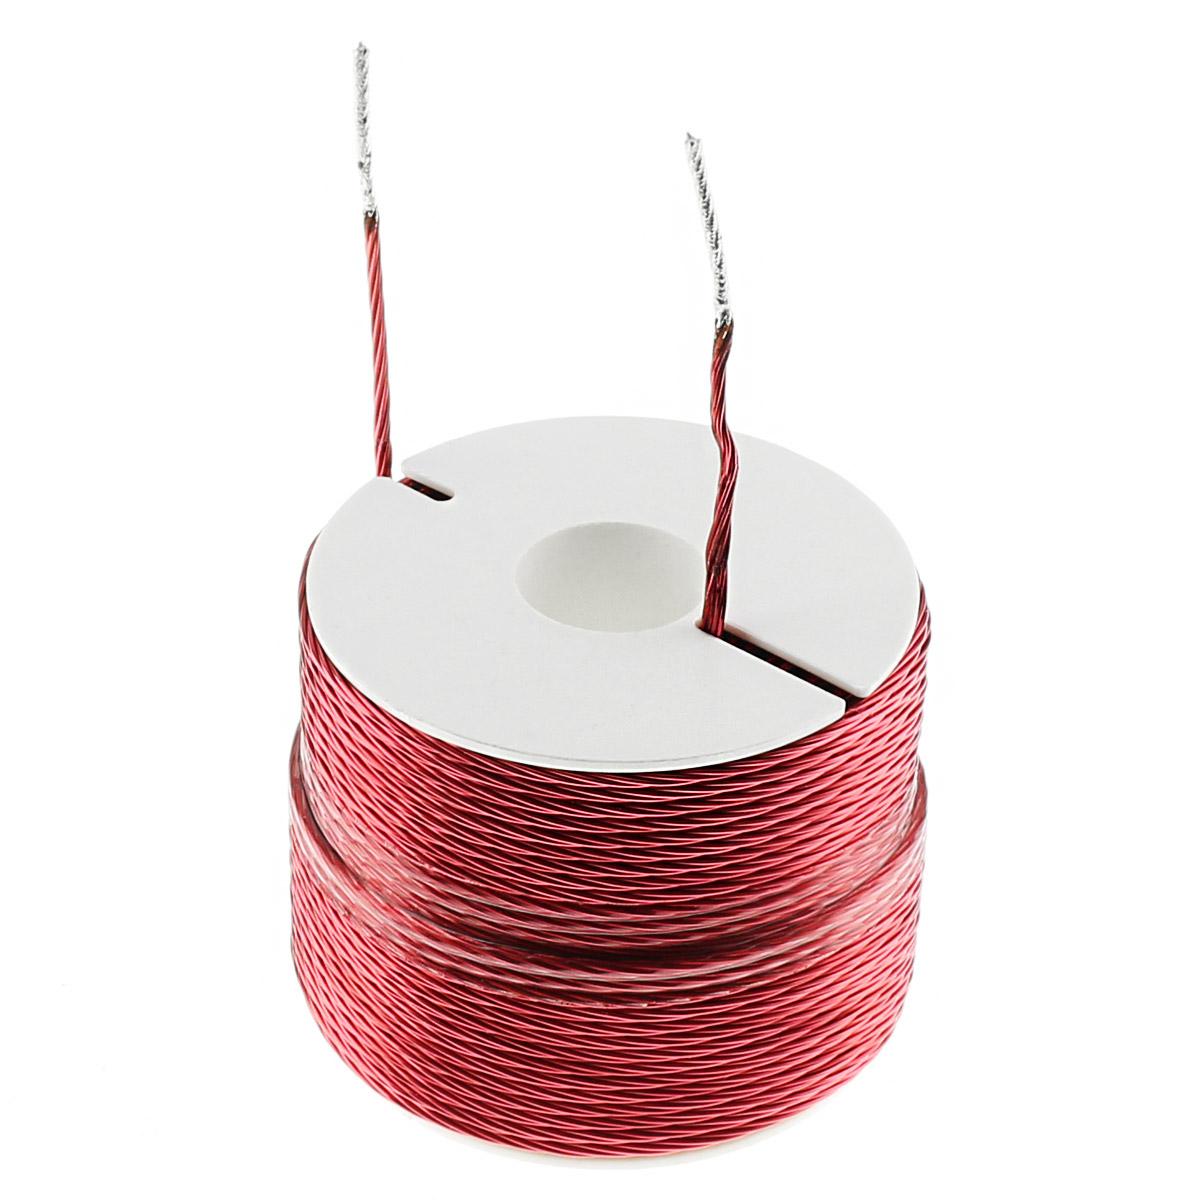 MUNDORF LL60 7 Strands Copper Wire Coil 0.12mH